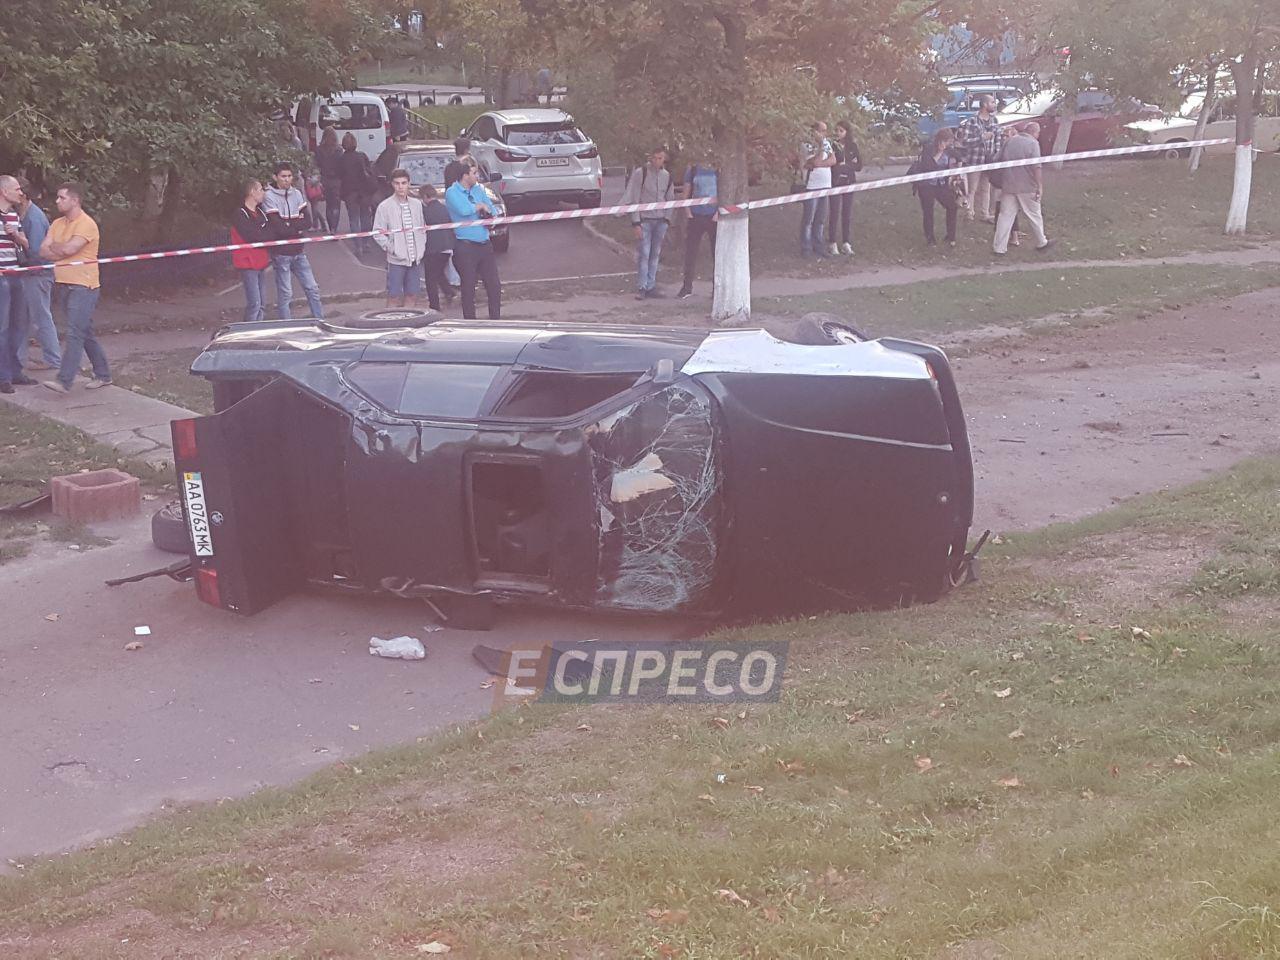 ВКиеве шофёр БМВ вылетел через люк автомобиля и умер